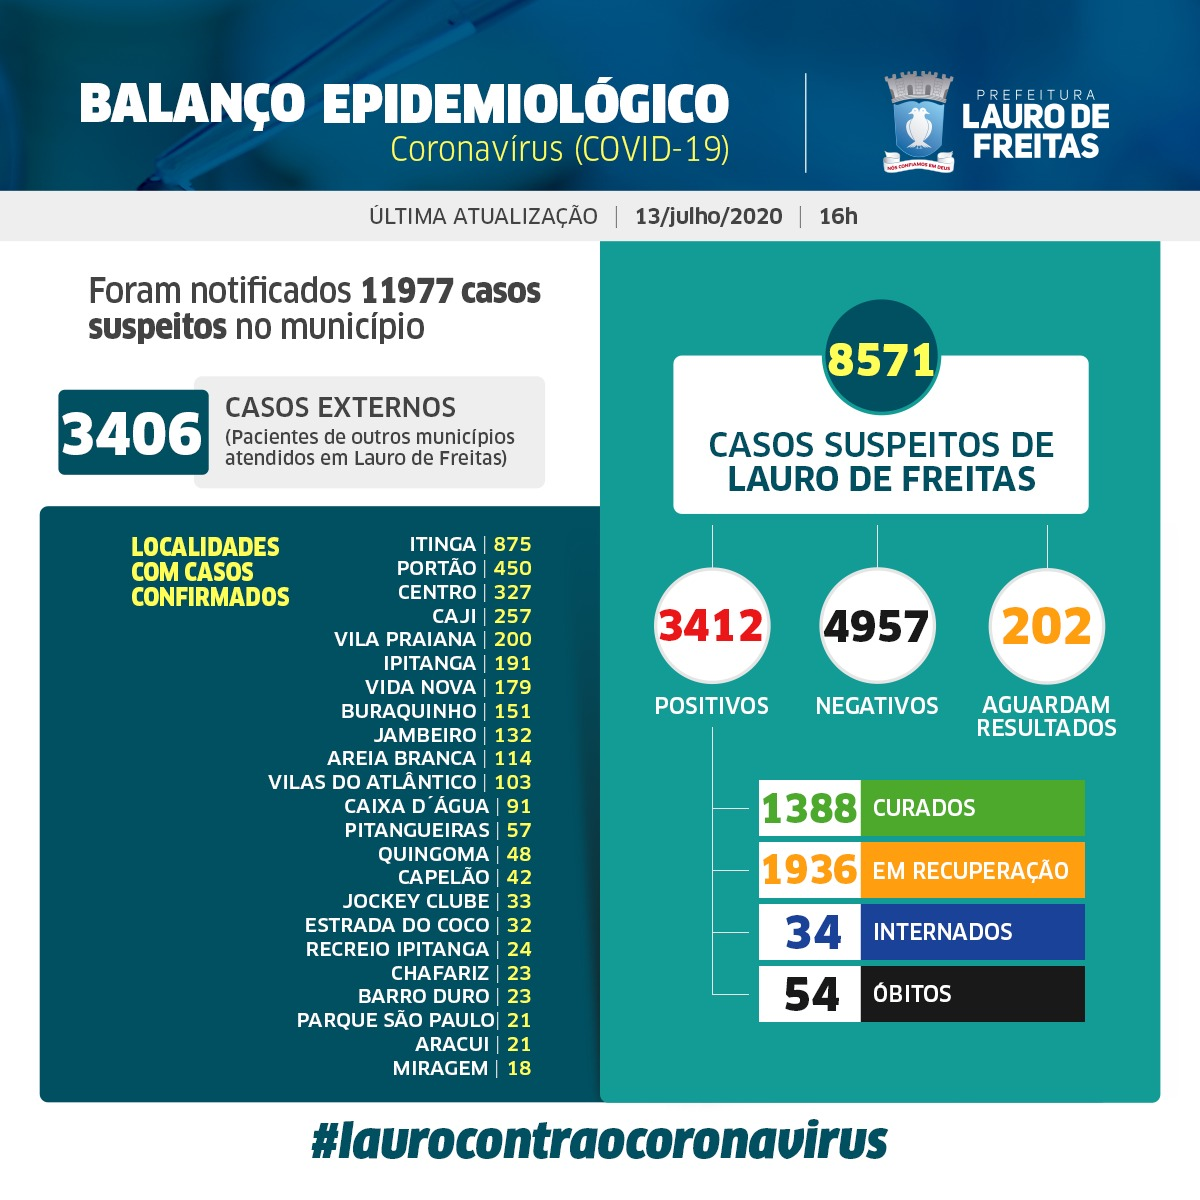 Lauro de Freitas tem 1388 pessoas curadas da Covid-19 e 3412 casos confirmados da doença